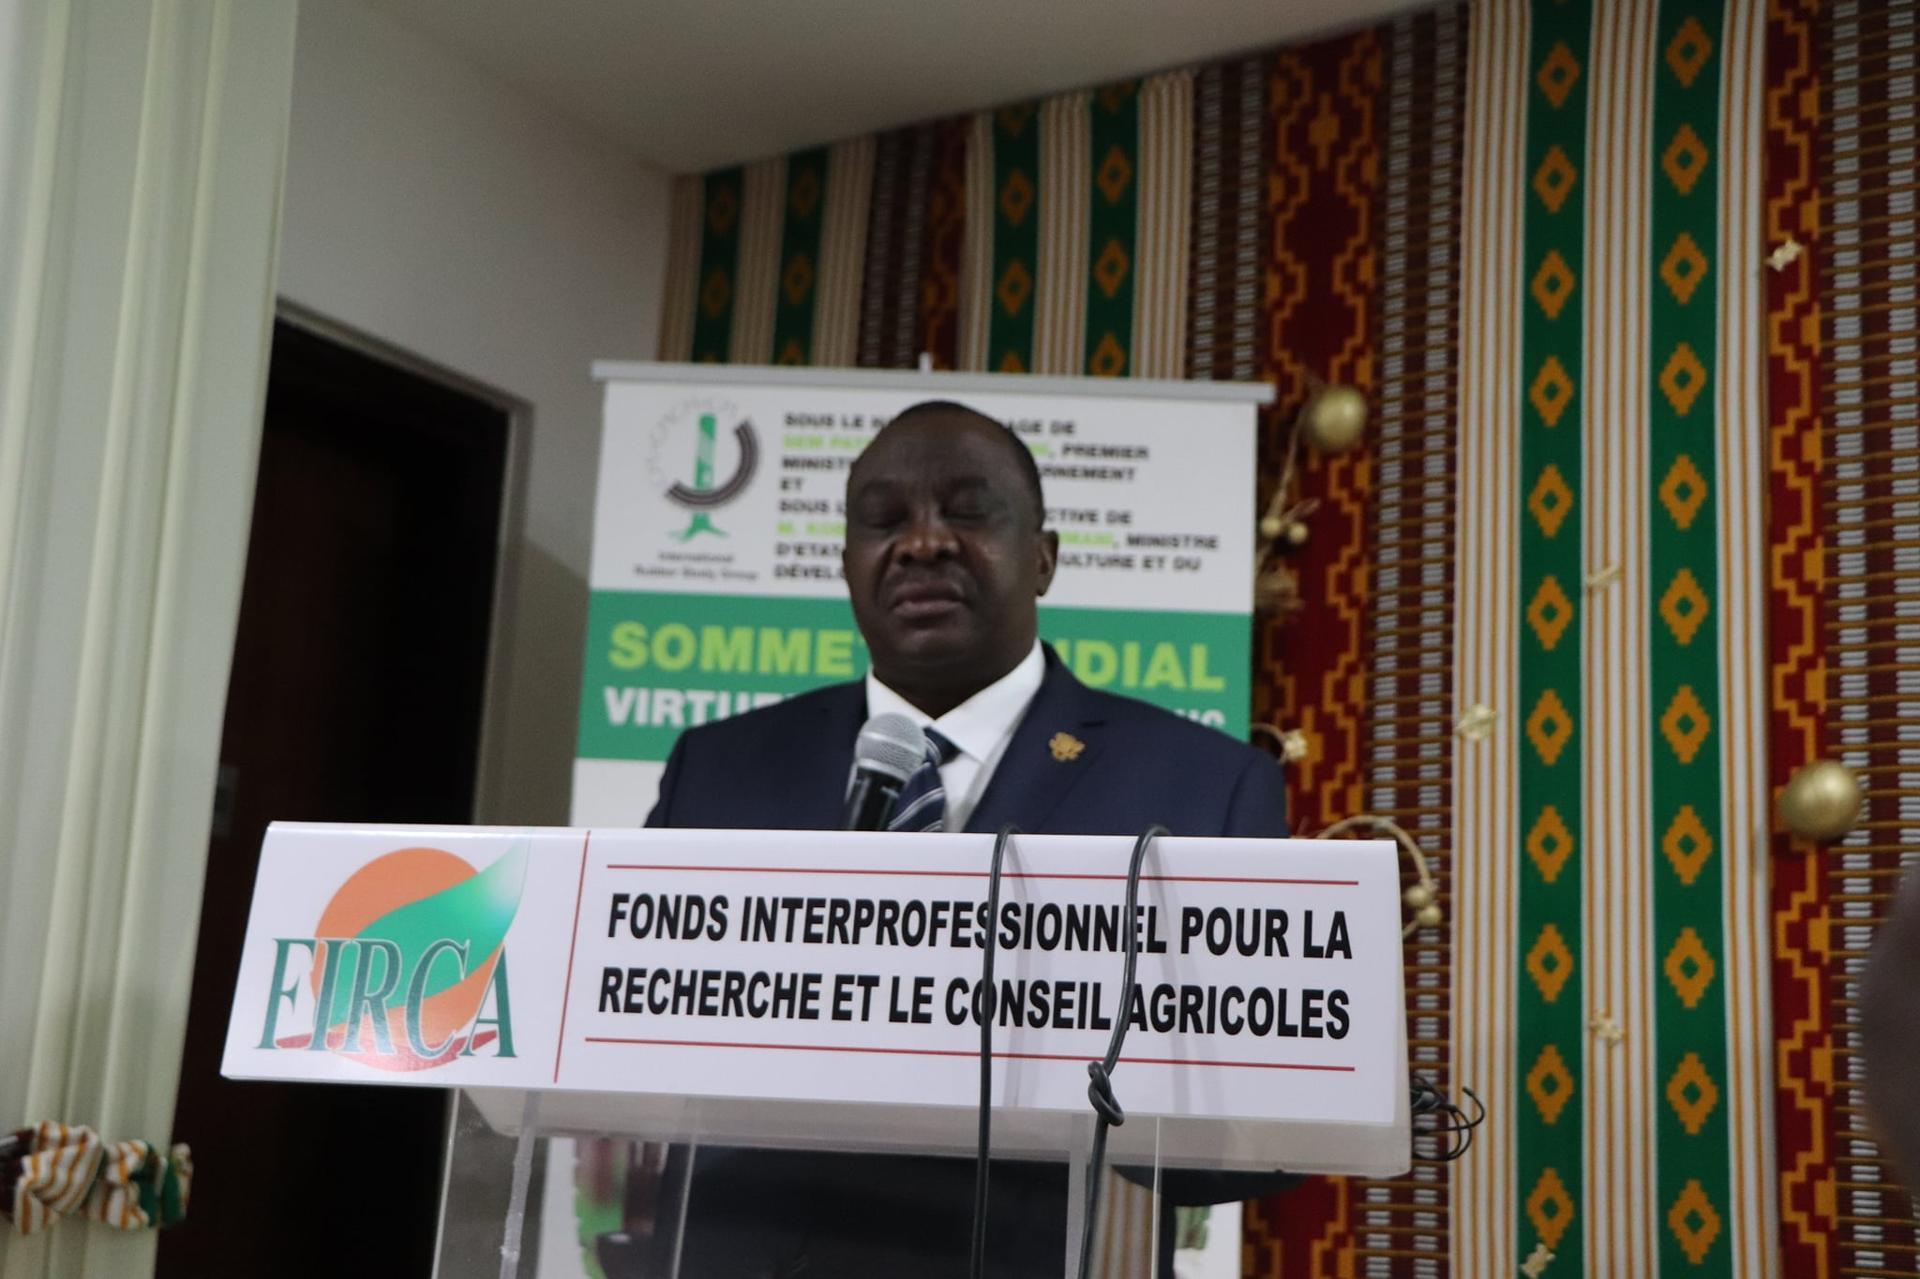 En Côte-d'Ivoire le ministre Adjoumani annonce un appui de 3 milliards de fcfa aux petits producteurs d'Hévéa